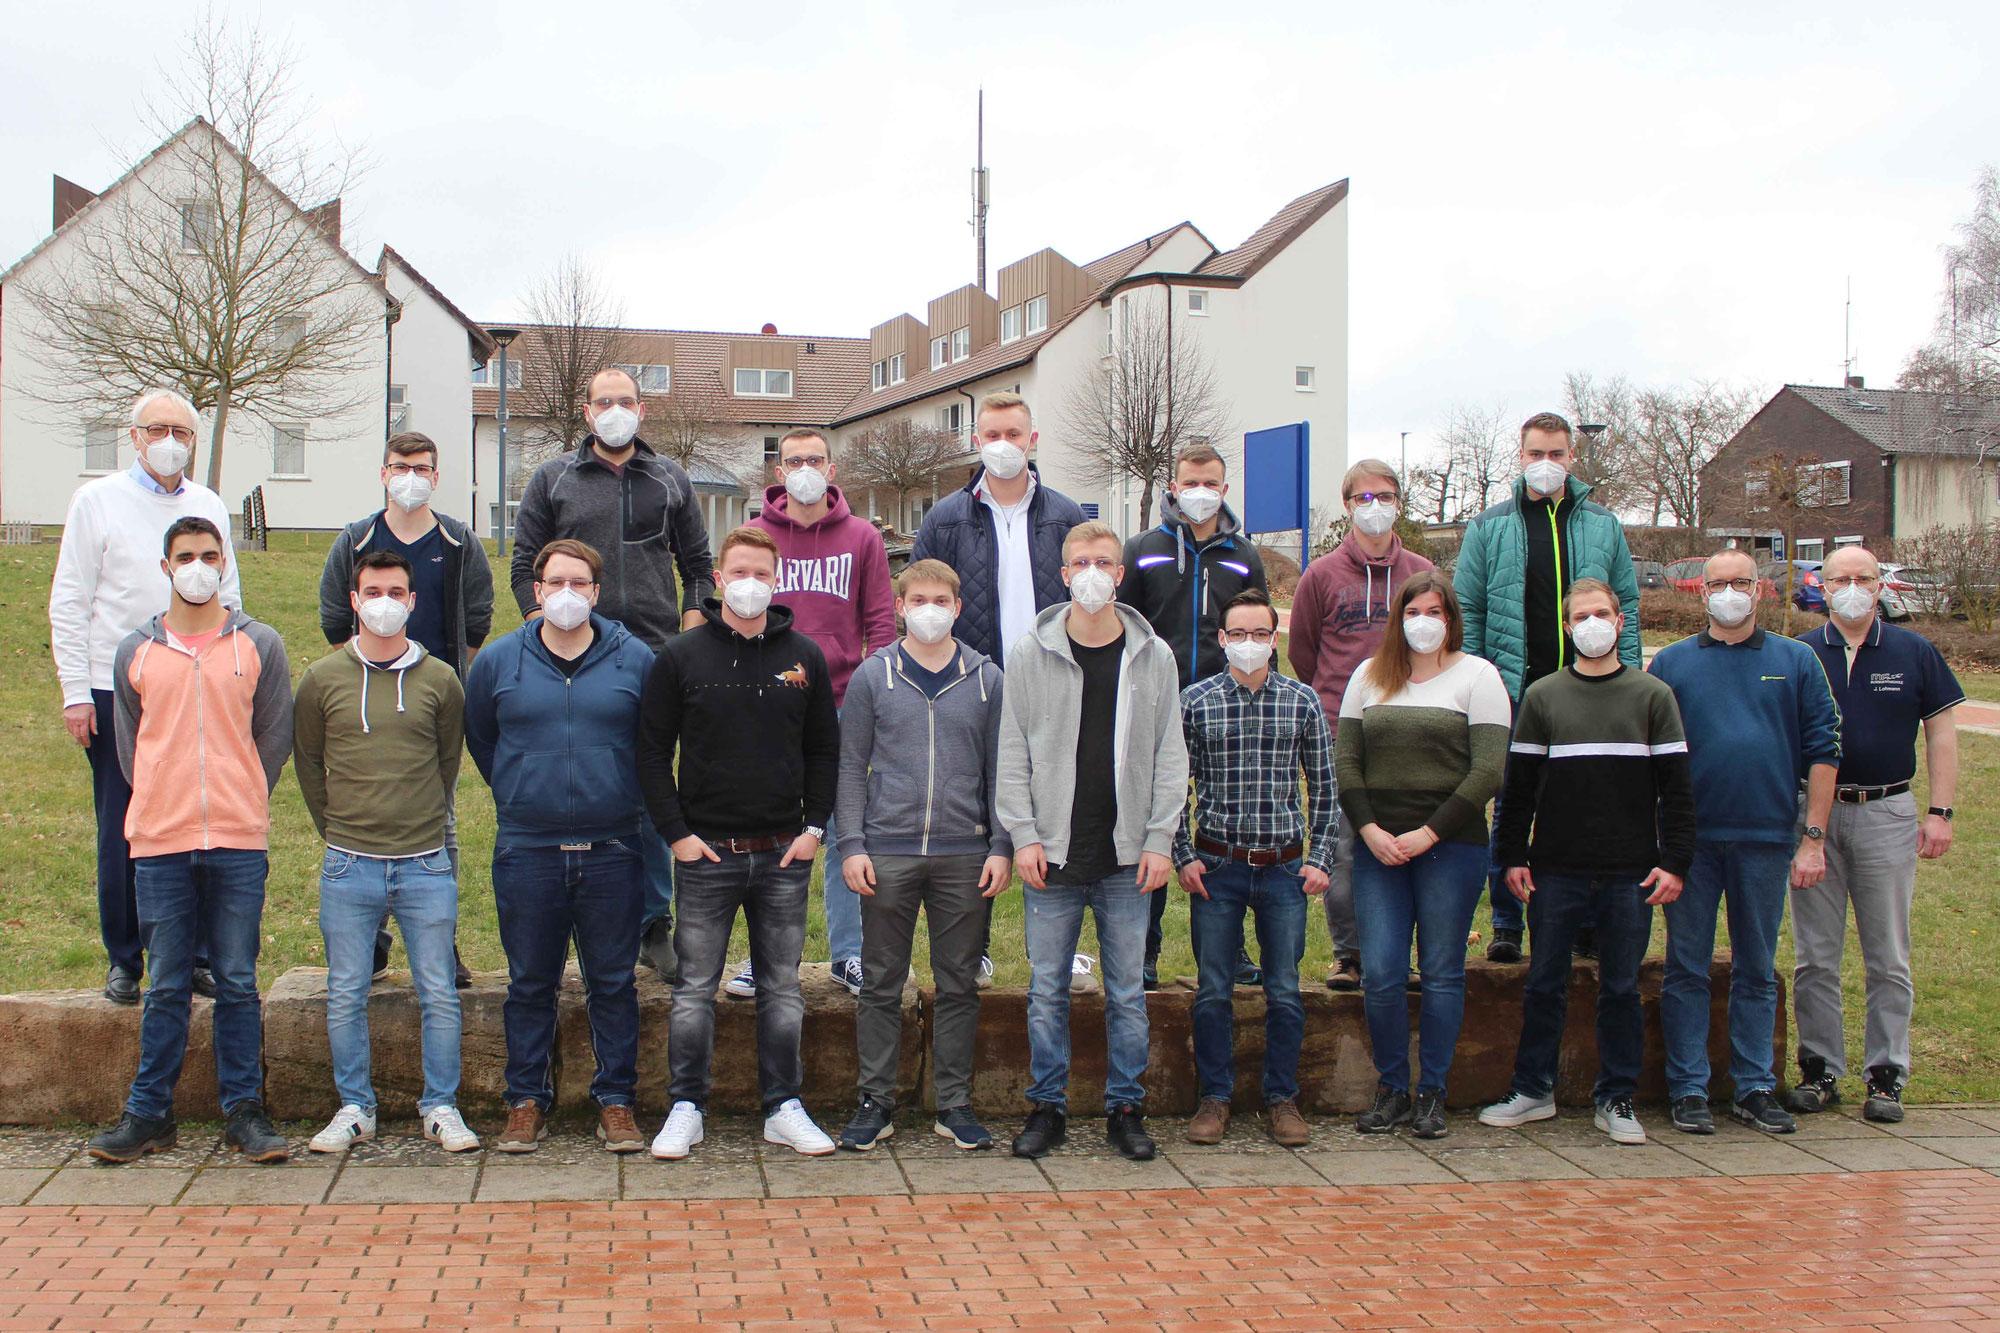 Modellbaumeister-Lehrgang startet mit 16 Schülerinnen und Schülern